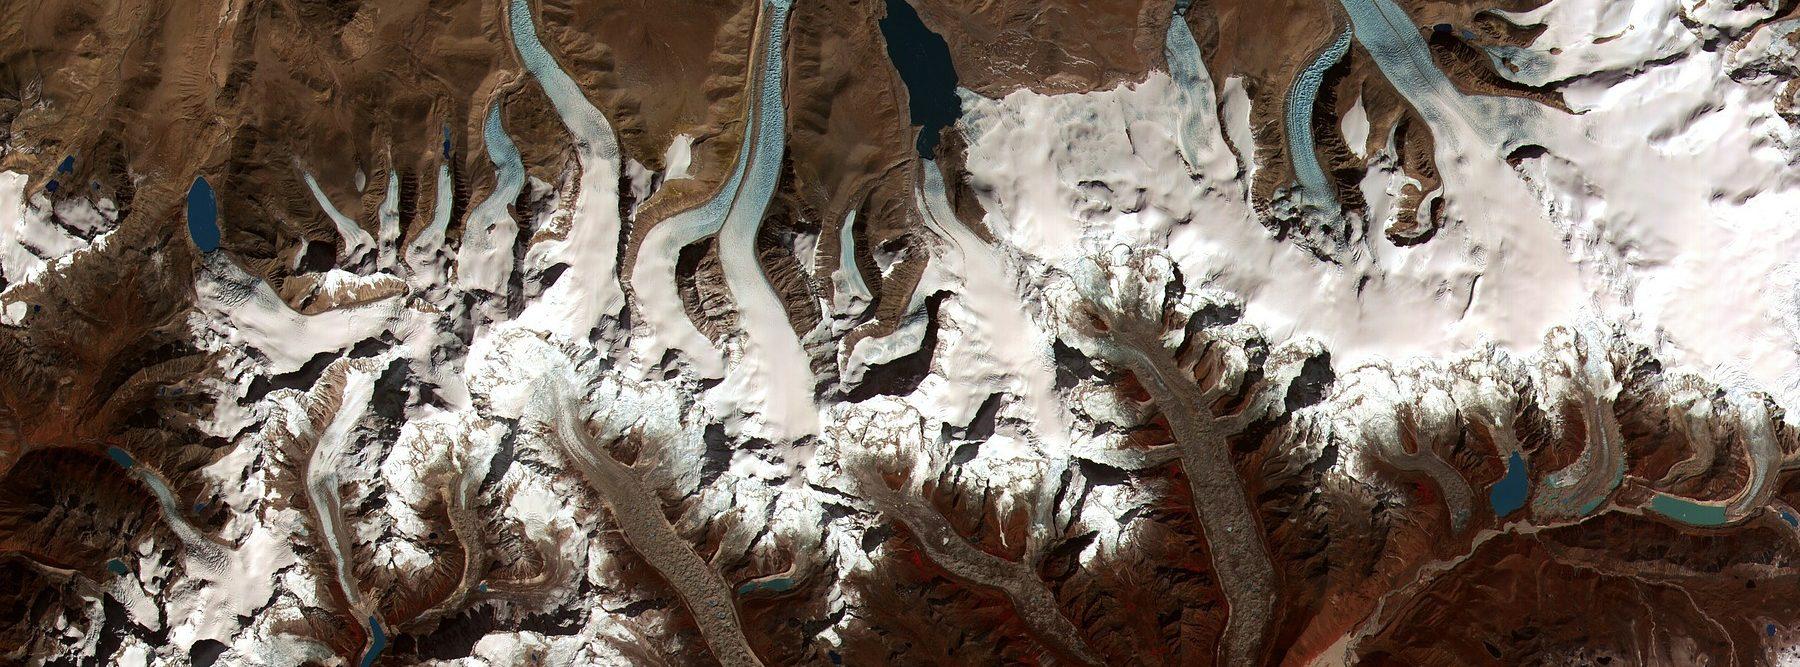 Fotos de la Guerra Fría prueban la rapidez del derretimiento de los glaciares